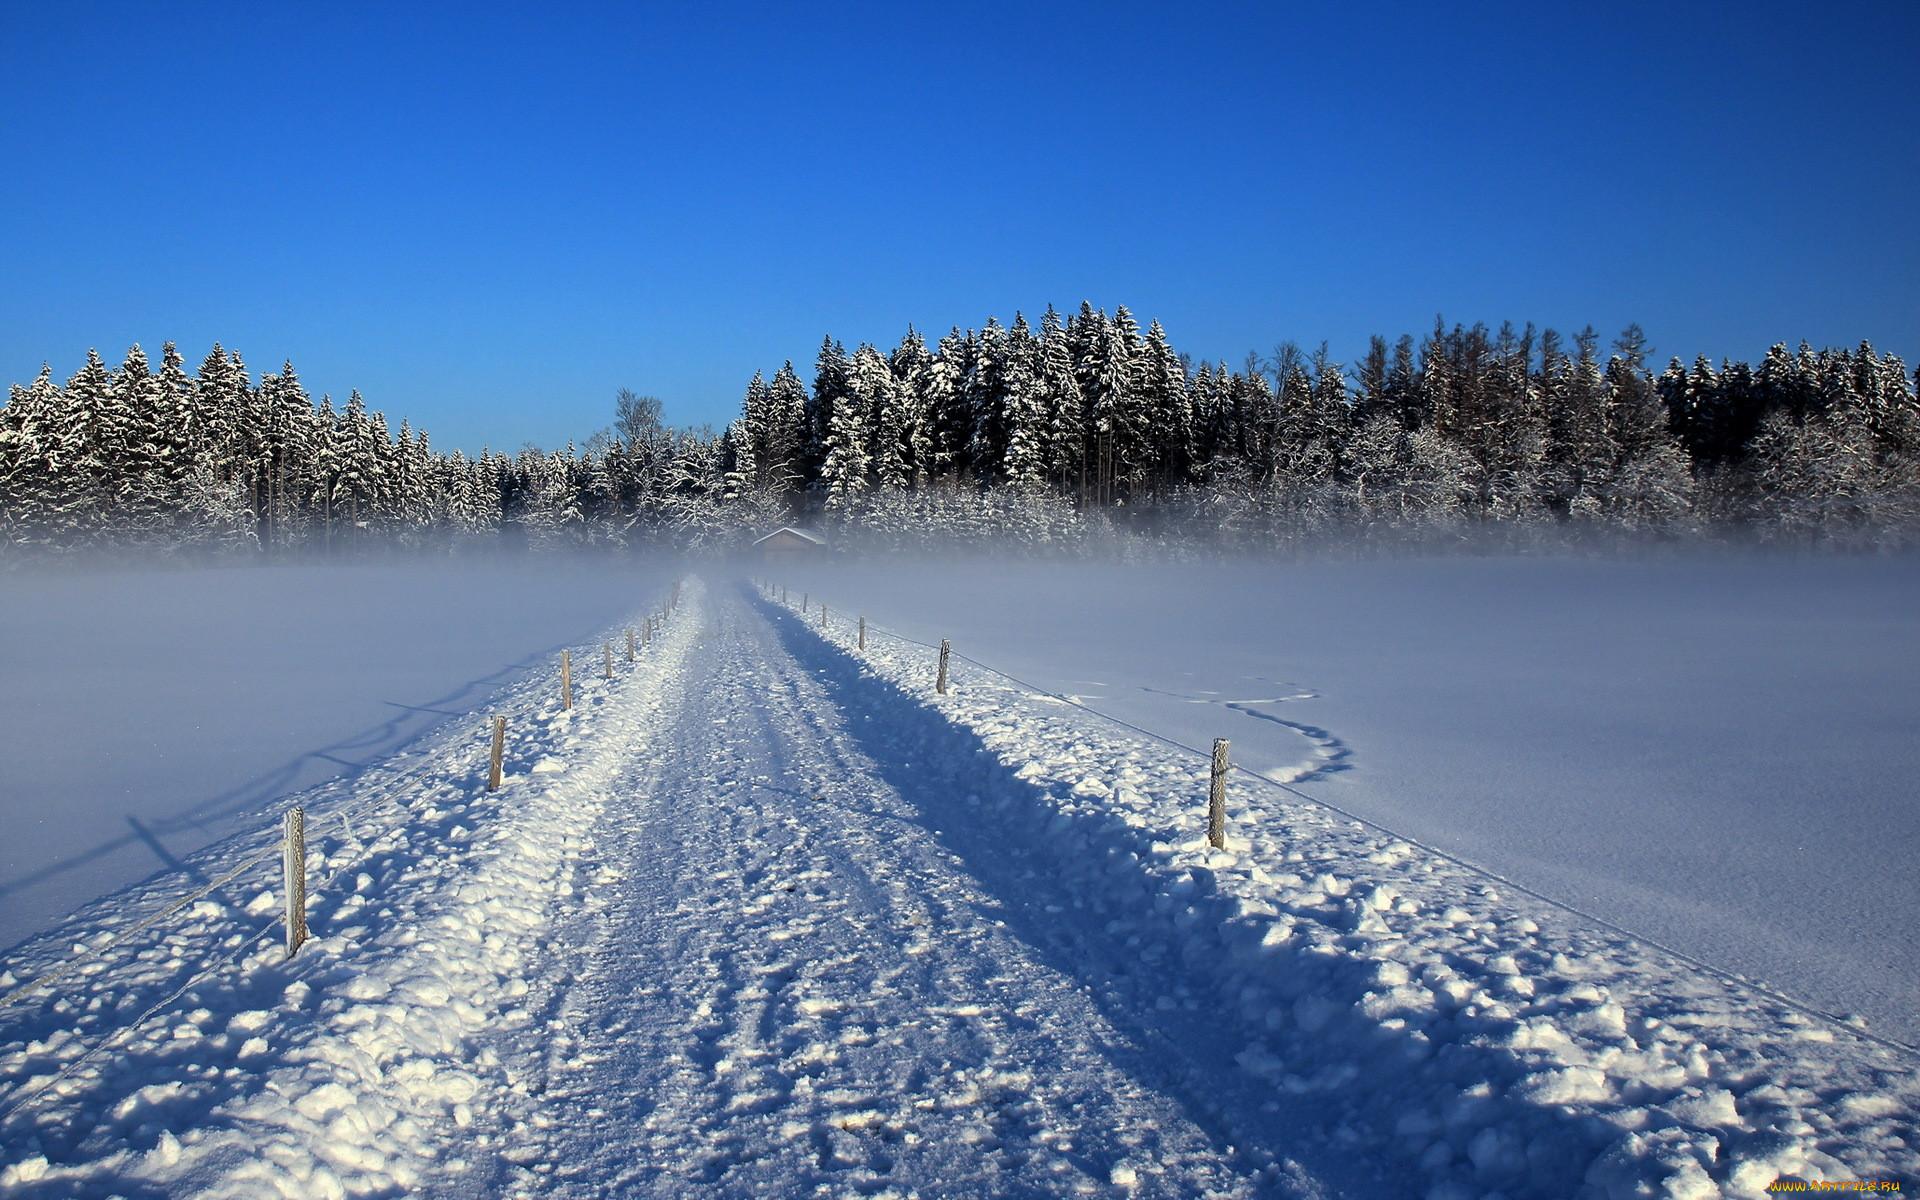 красноярске улице фото на рабочий стол зима дорога бытует мнение